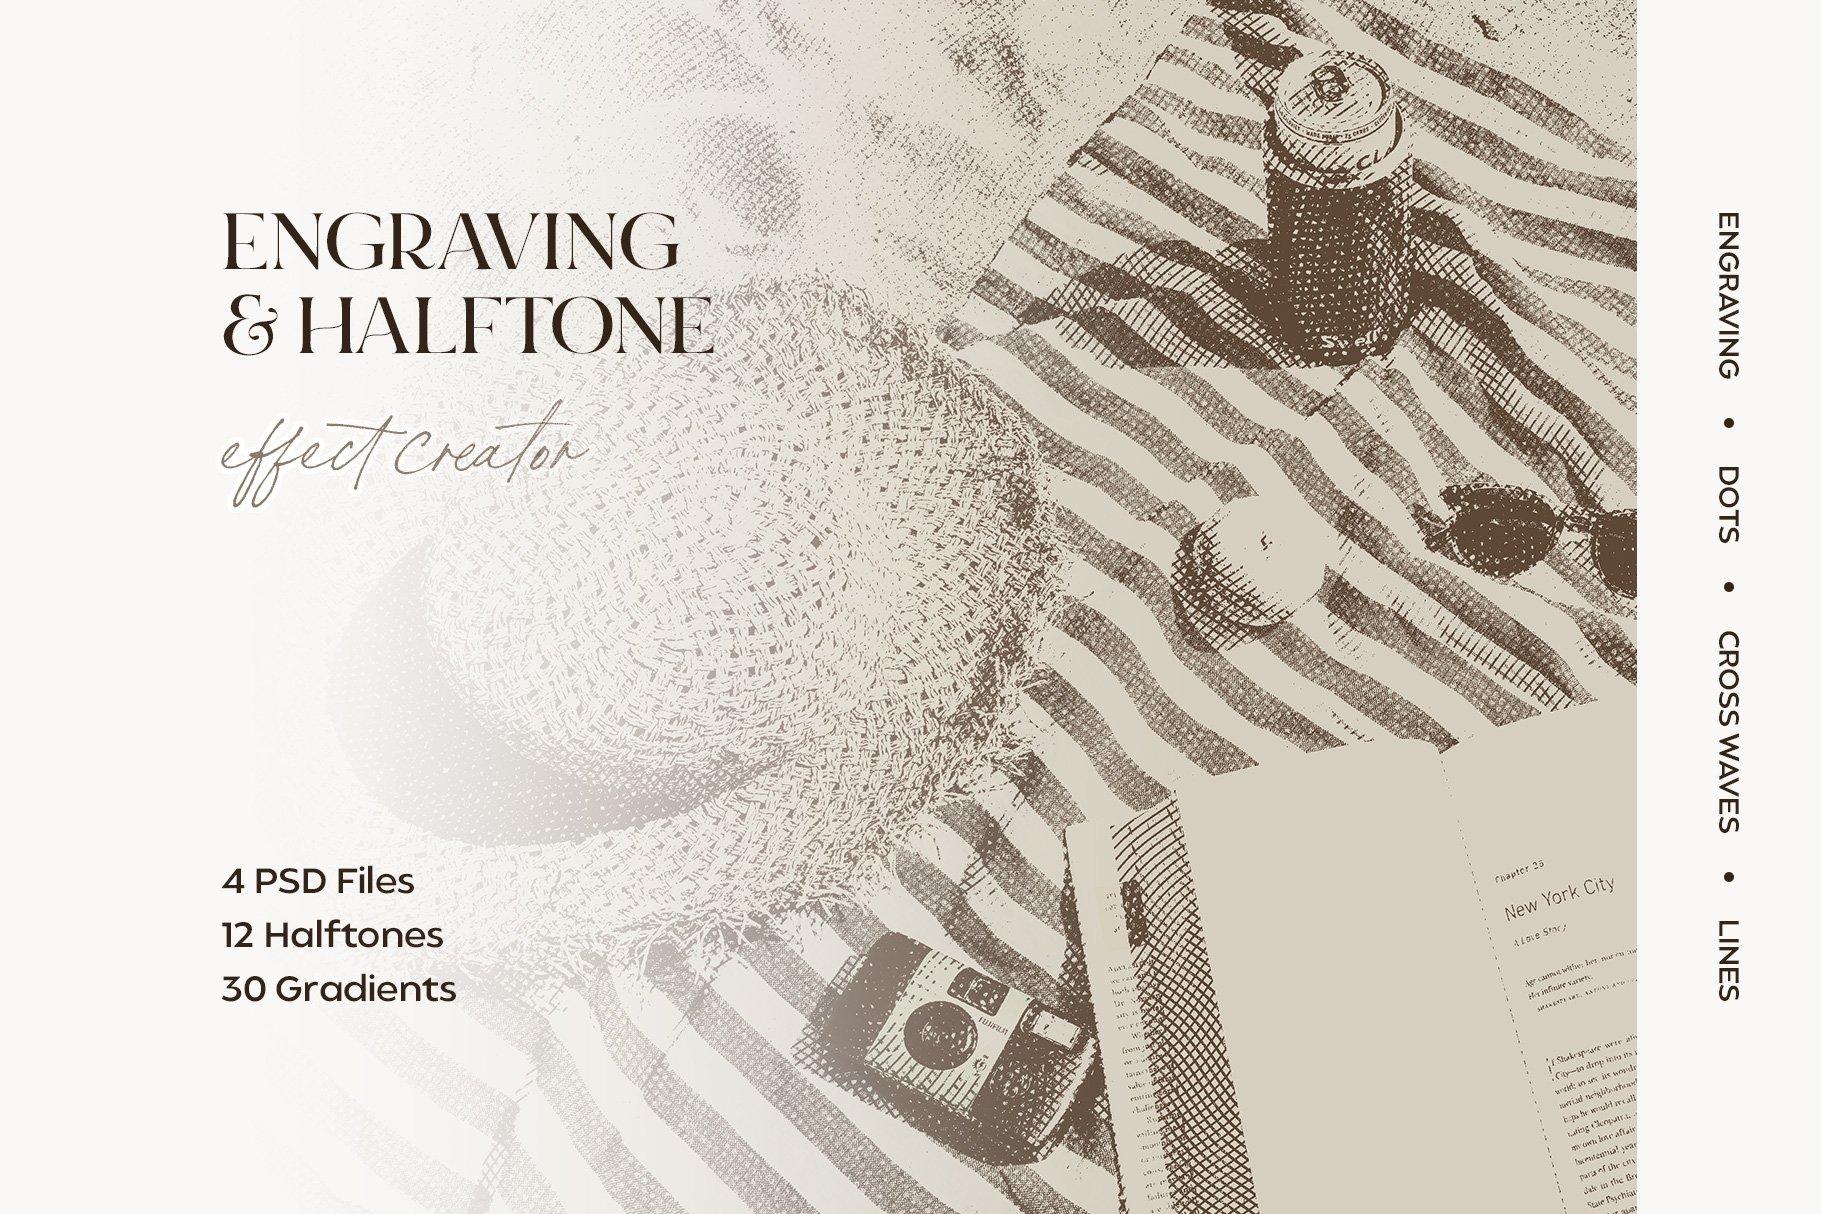 复古雕刻半调横纹波点效果Ps图片生成样式模板 Engraving & Halftone Effect Creator插图